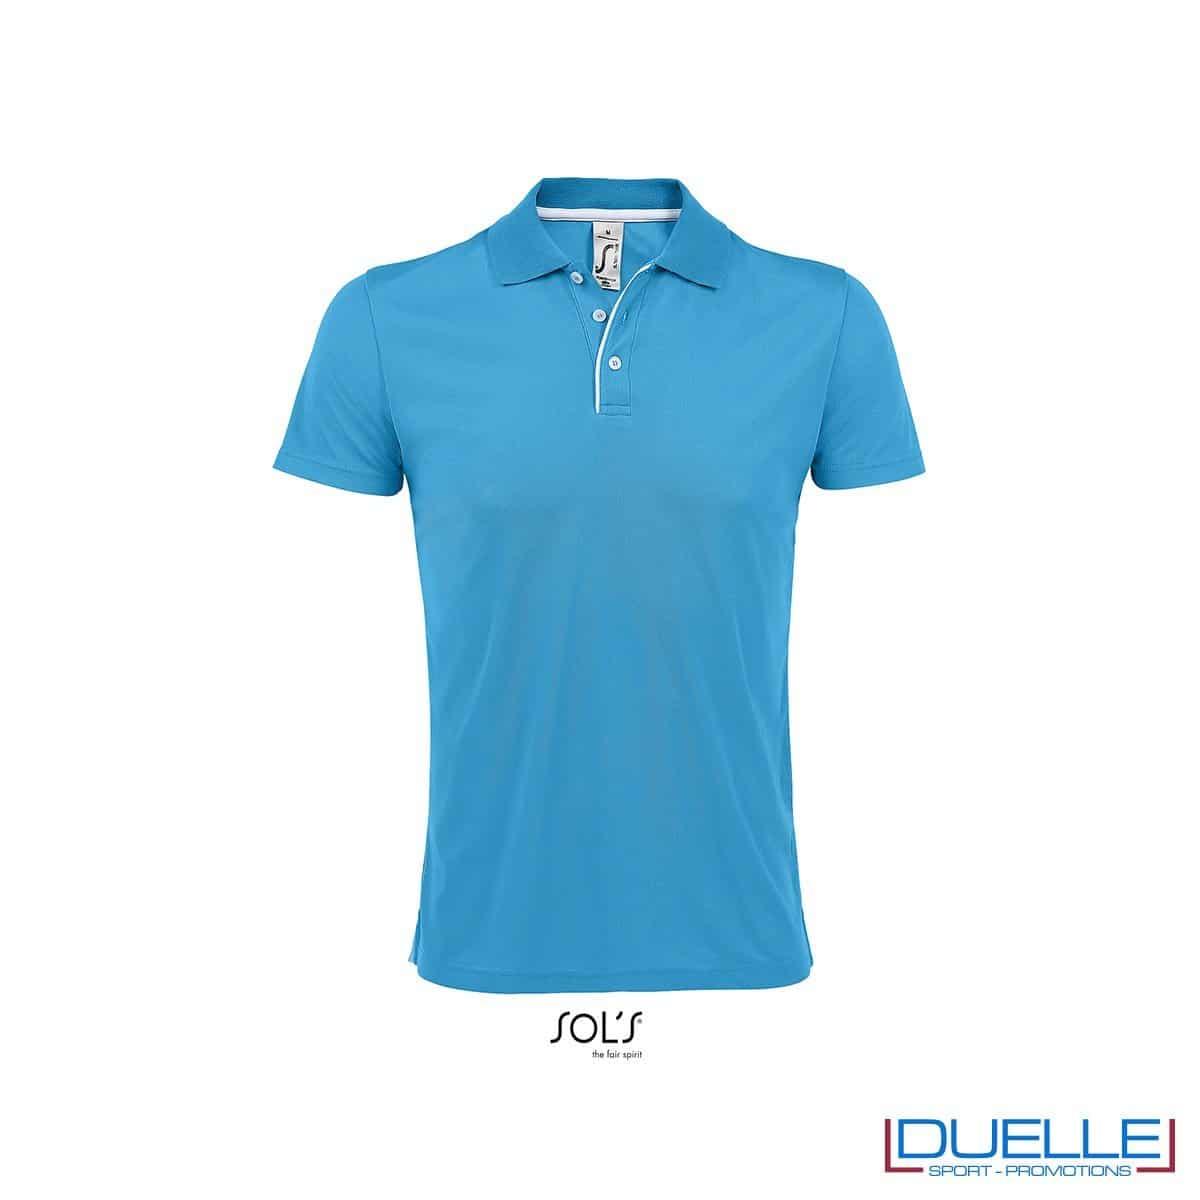 polo personalizzata sportiva in poliestere traspirante colore rosso, polo personalizzata, abbigliamento sportivo personalizzato colore ACQUA